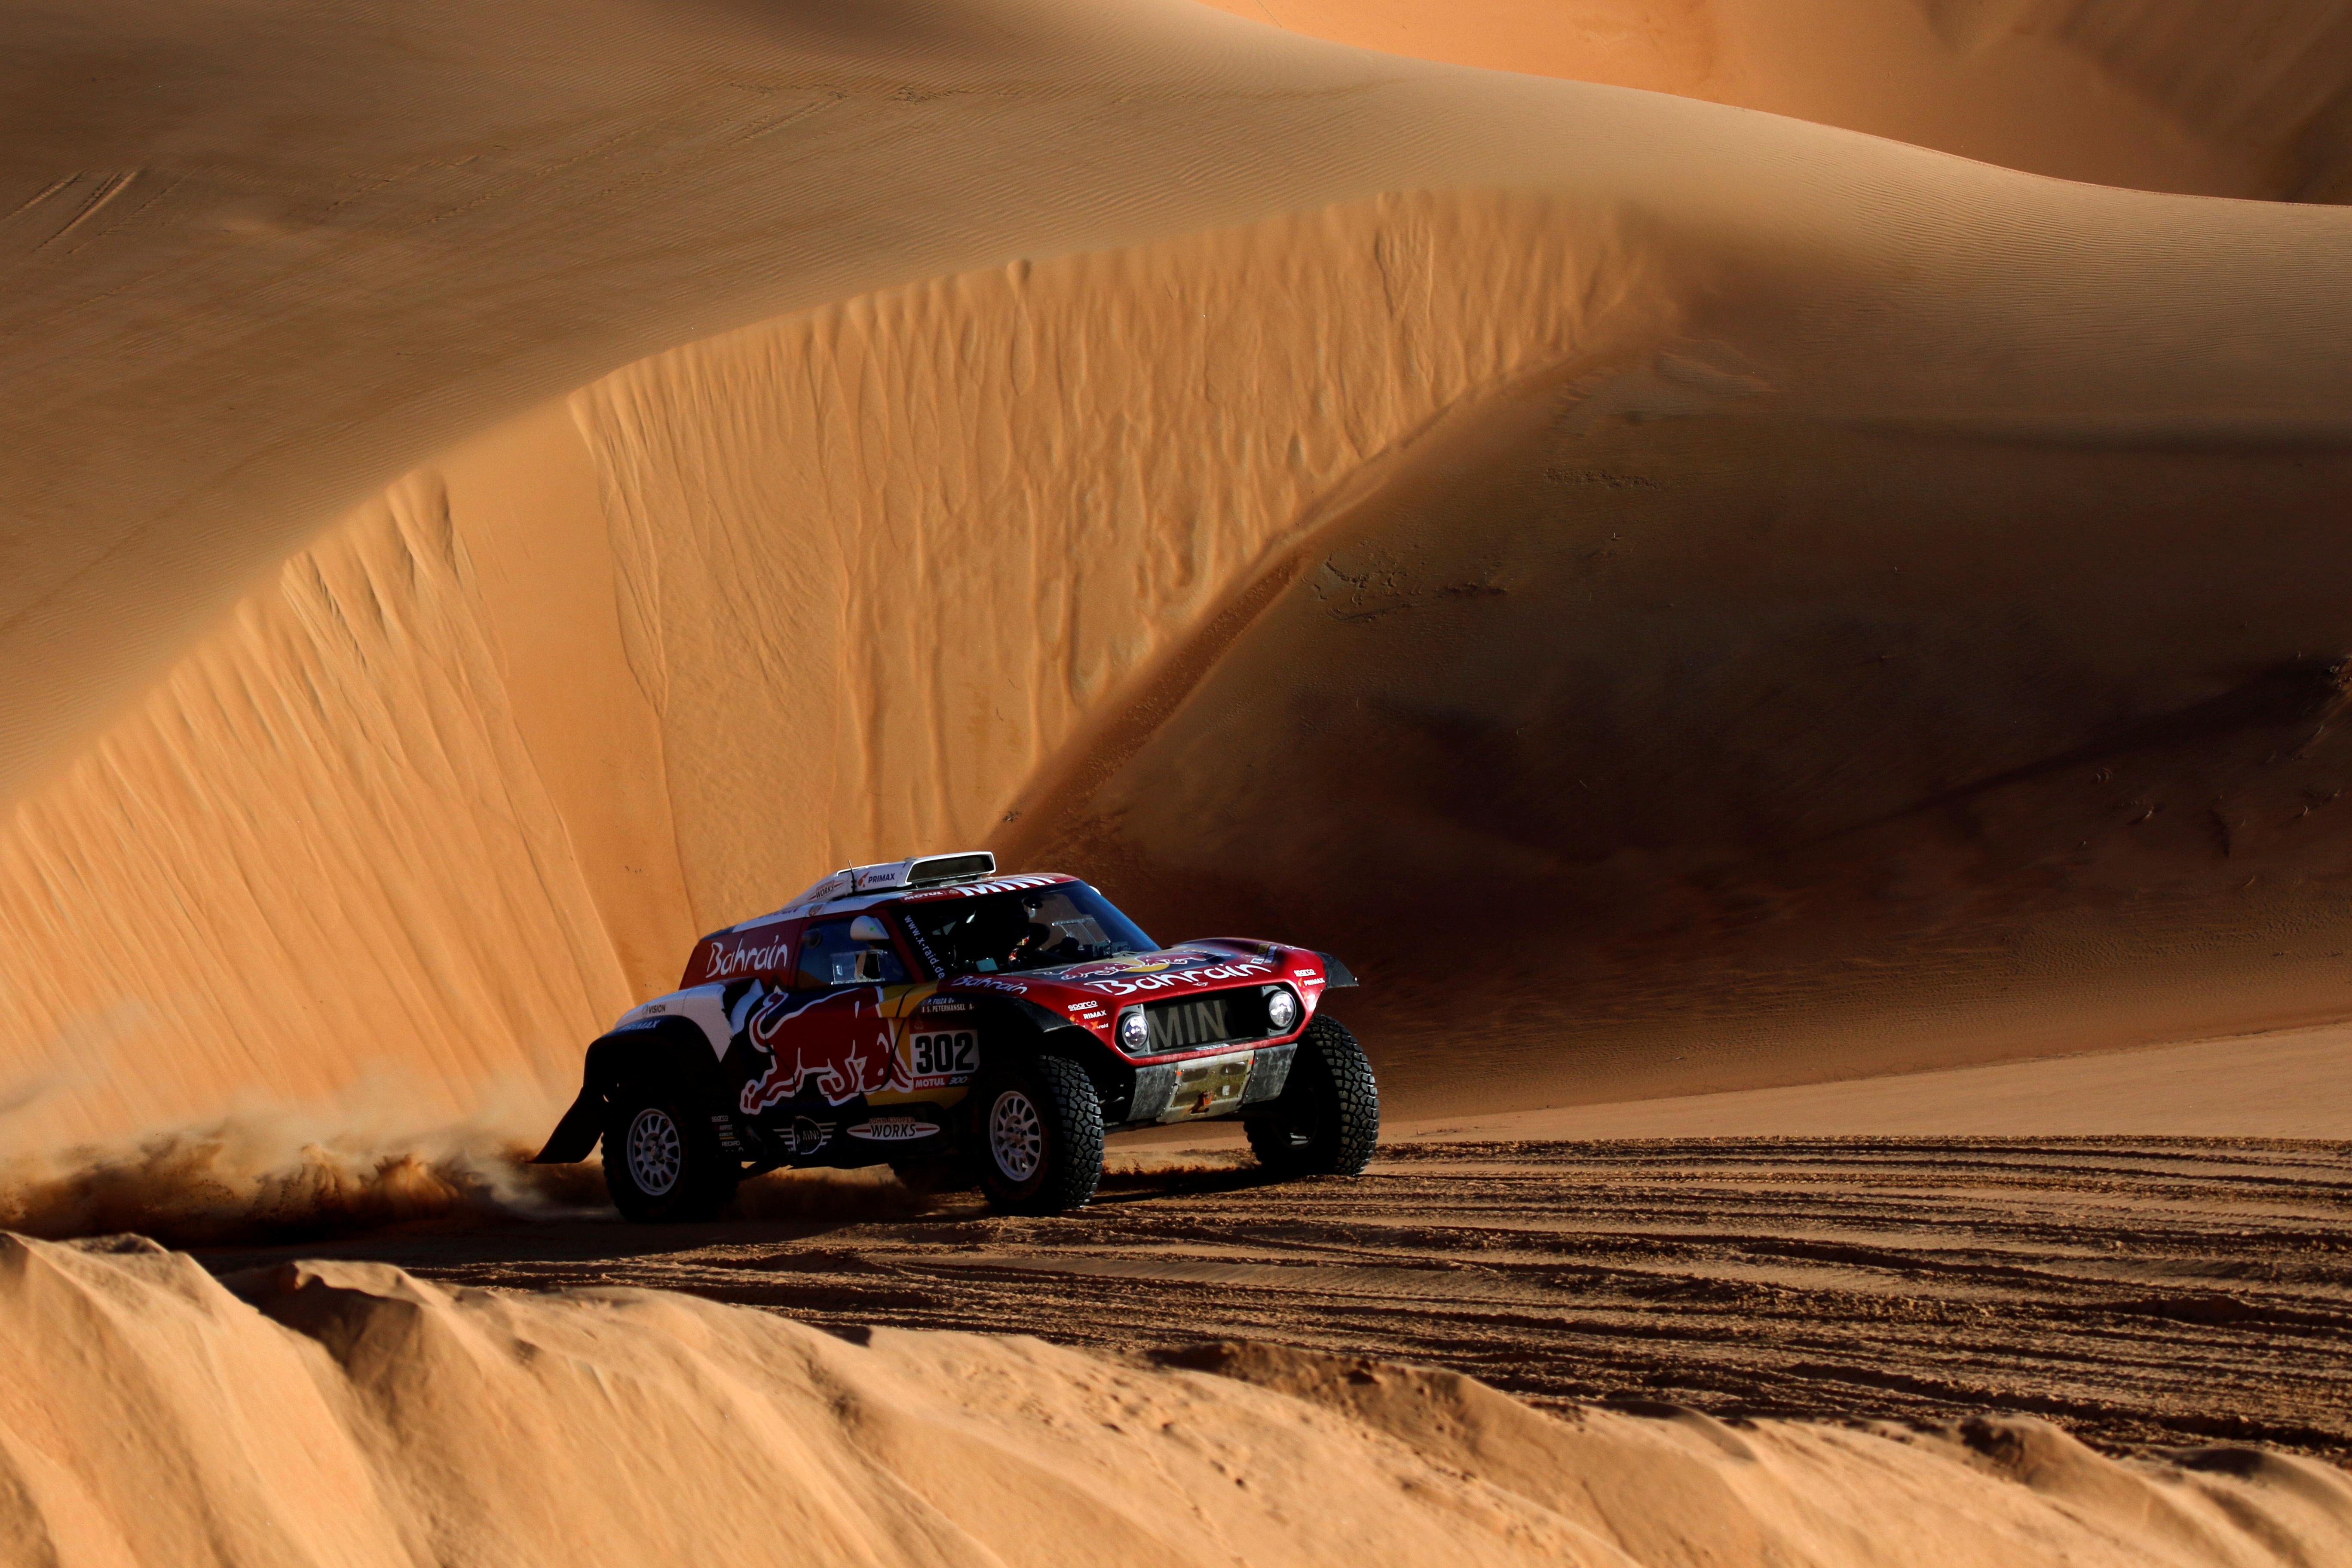 El francés Stéphane Peterhansel (Mini) ganó la undécima y penúltima etapa del Dakar en autos, su cuarto triunfo parcial de la carrera, en una jornada en la que el español Carlos Sainz (Mini) sigue como líder pero vio reducida su ventaja a diez minutos